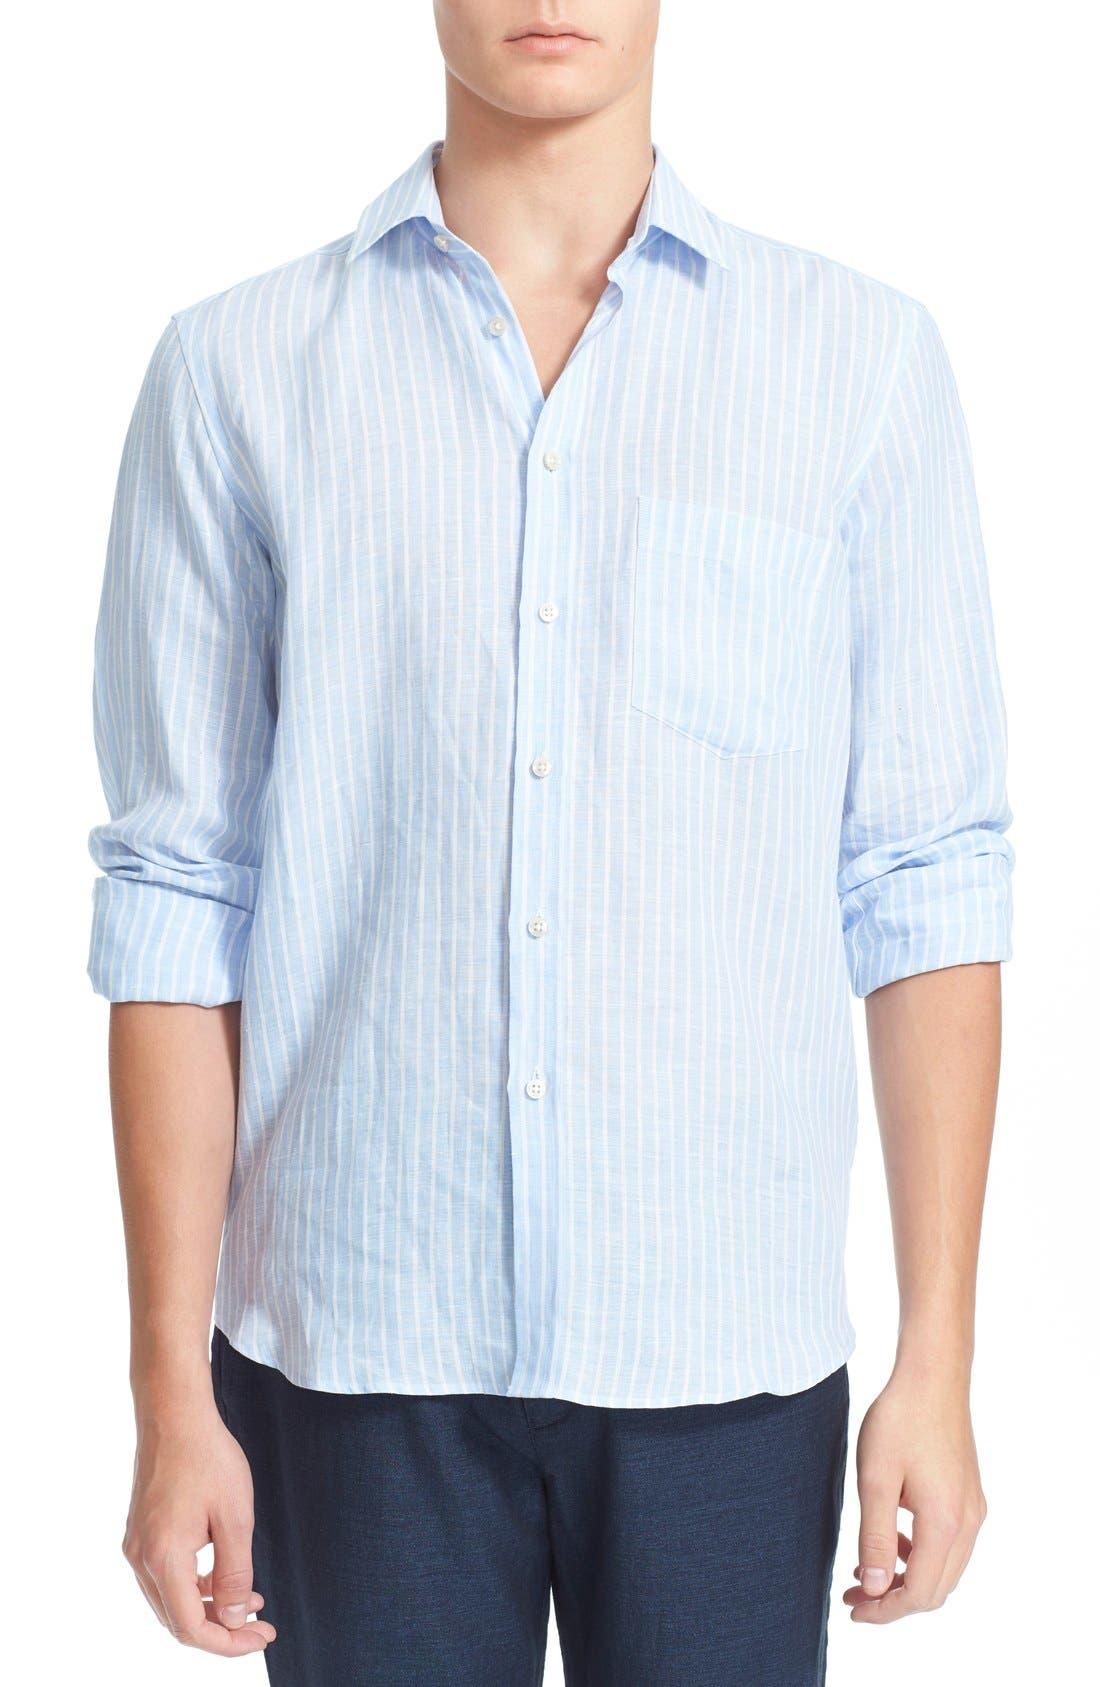 'Carrix' Trim Fit Stripe Linen Shirt,                         Main,                         color, Sky Blue